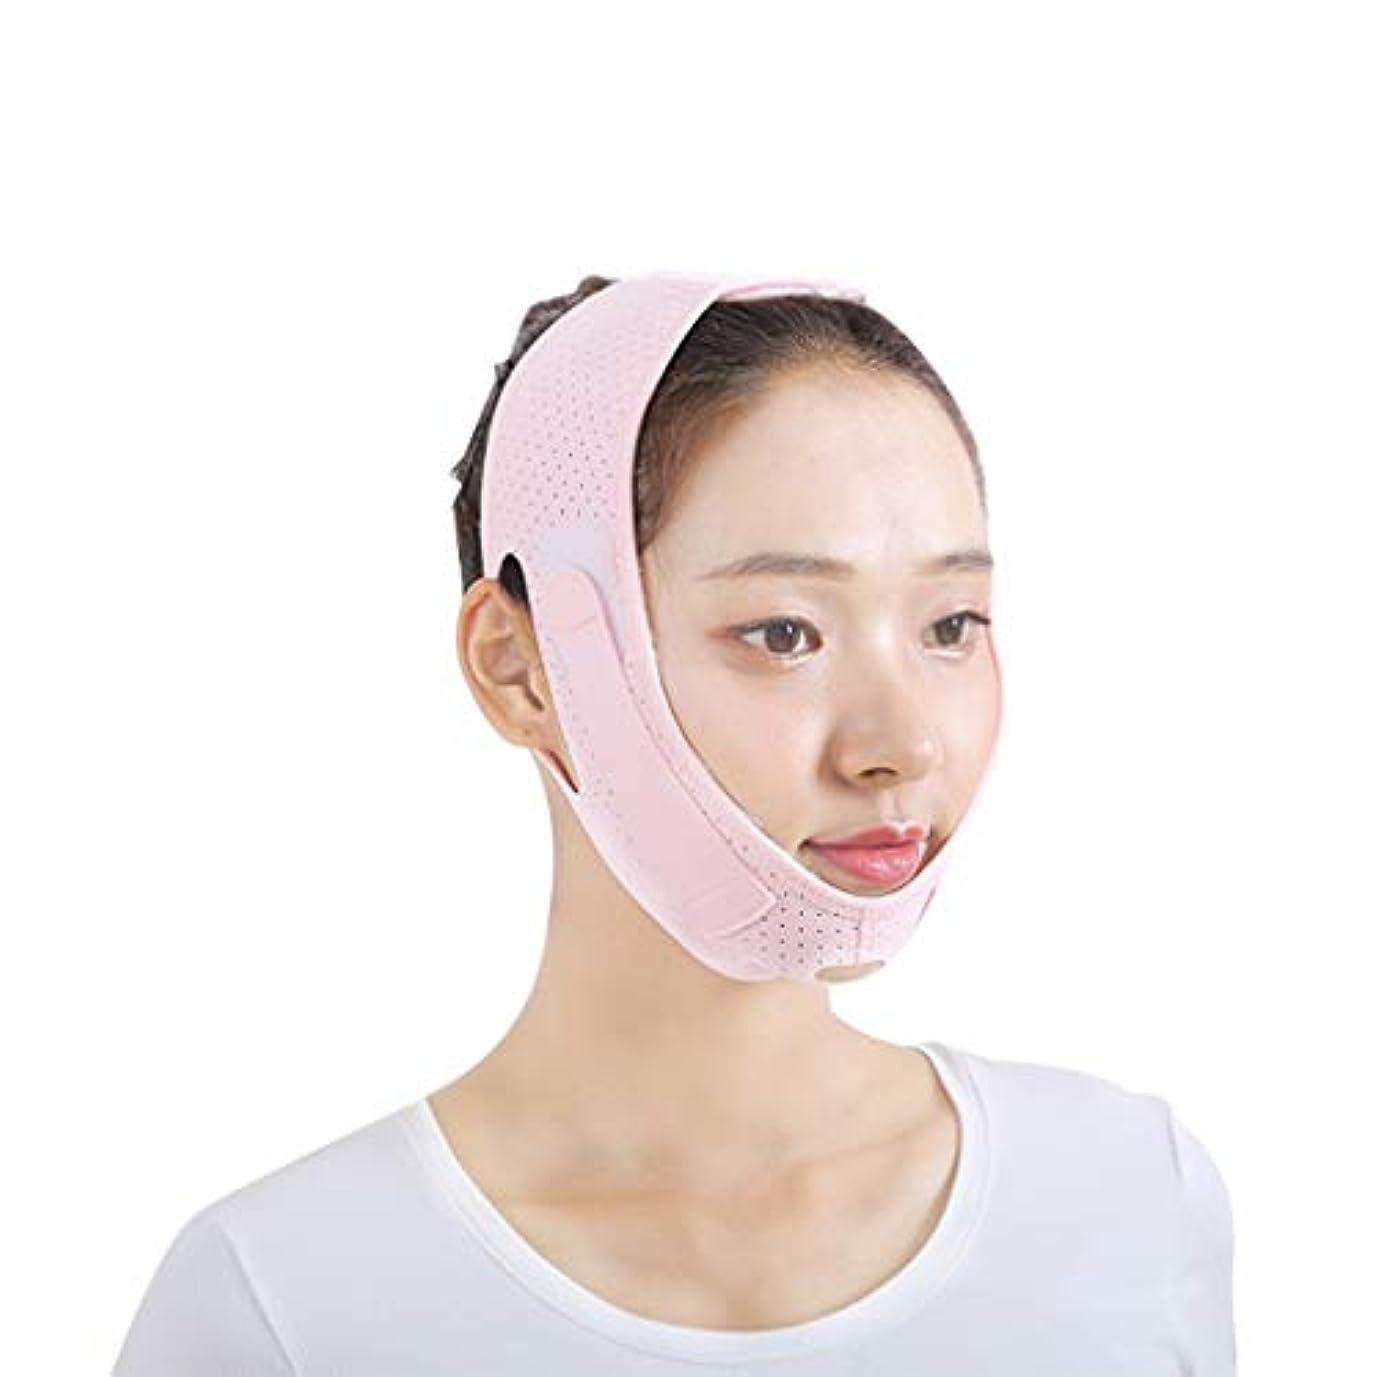 持つクラウン昼寝Jia He 軽量 薄い顔ベルト、Vフェイスアーティファクト薄い顔薄い二重あご包帯通気性睡眠リフティングアンチリンクルフェイスベルト ## (Color : Pink)